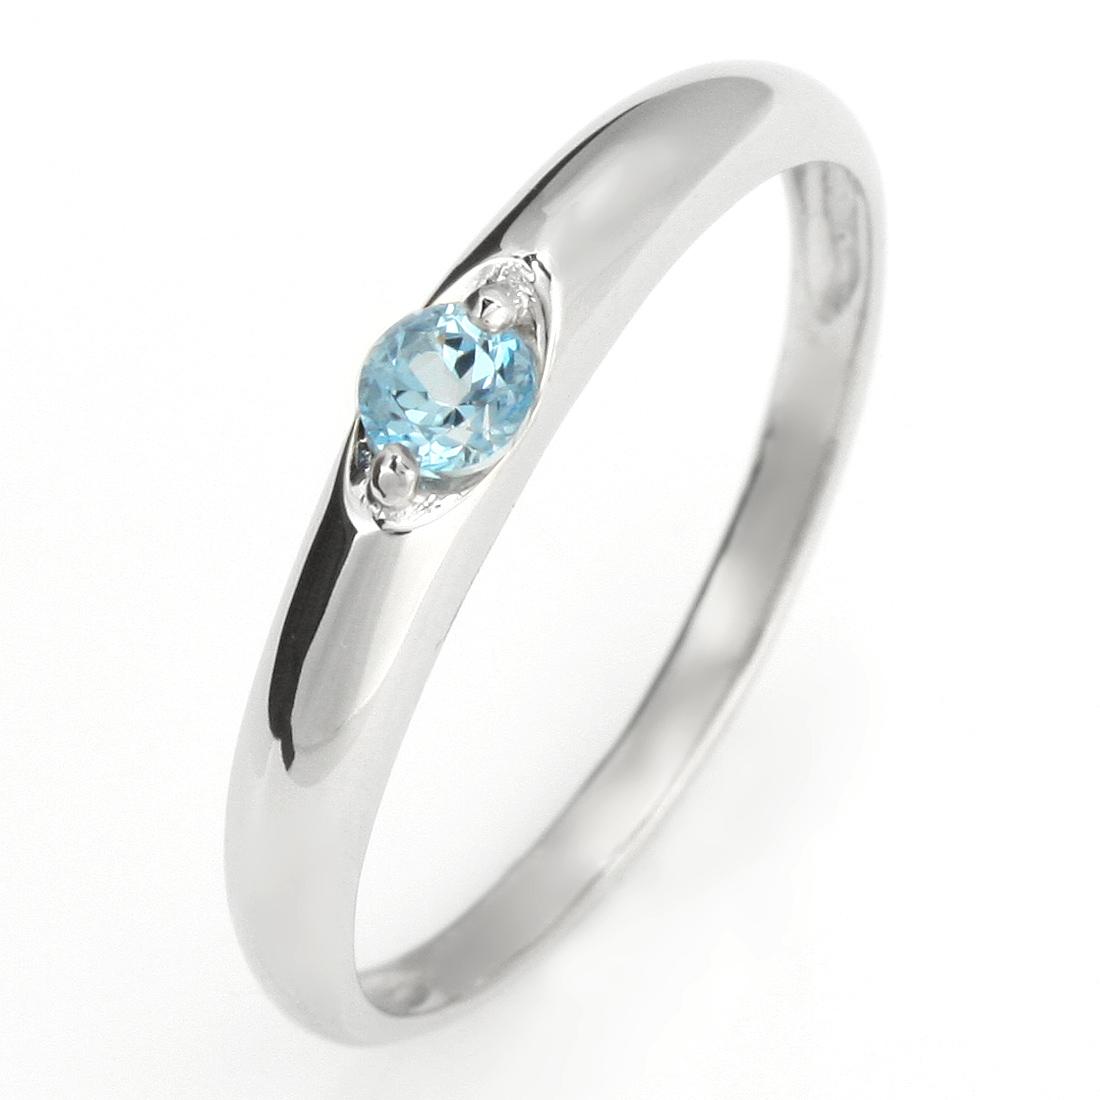 ペアリング 結婚指輪 マリッジリング プラチナ リング ブルートパーズ 11月 誕生石【DEAL】